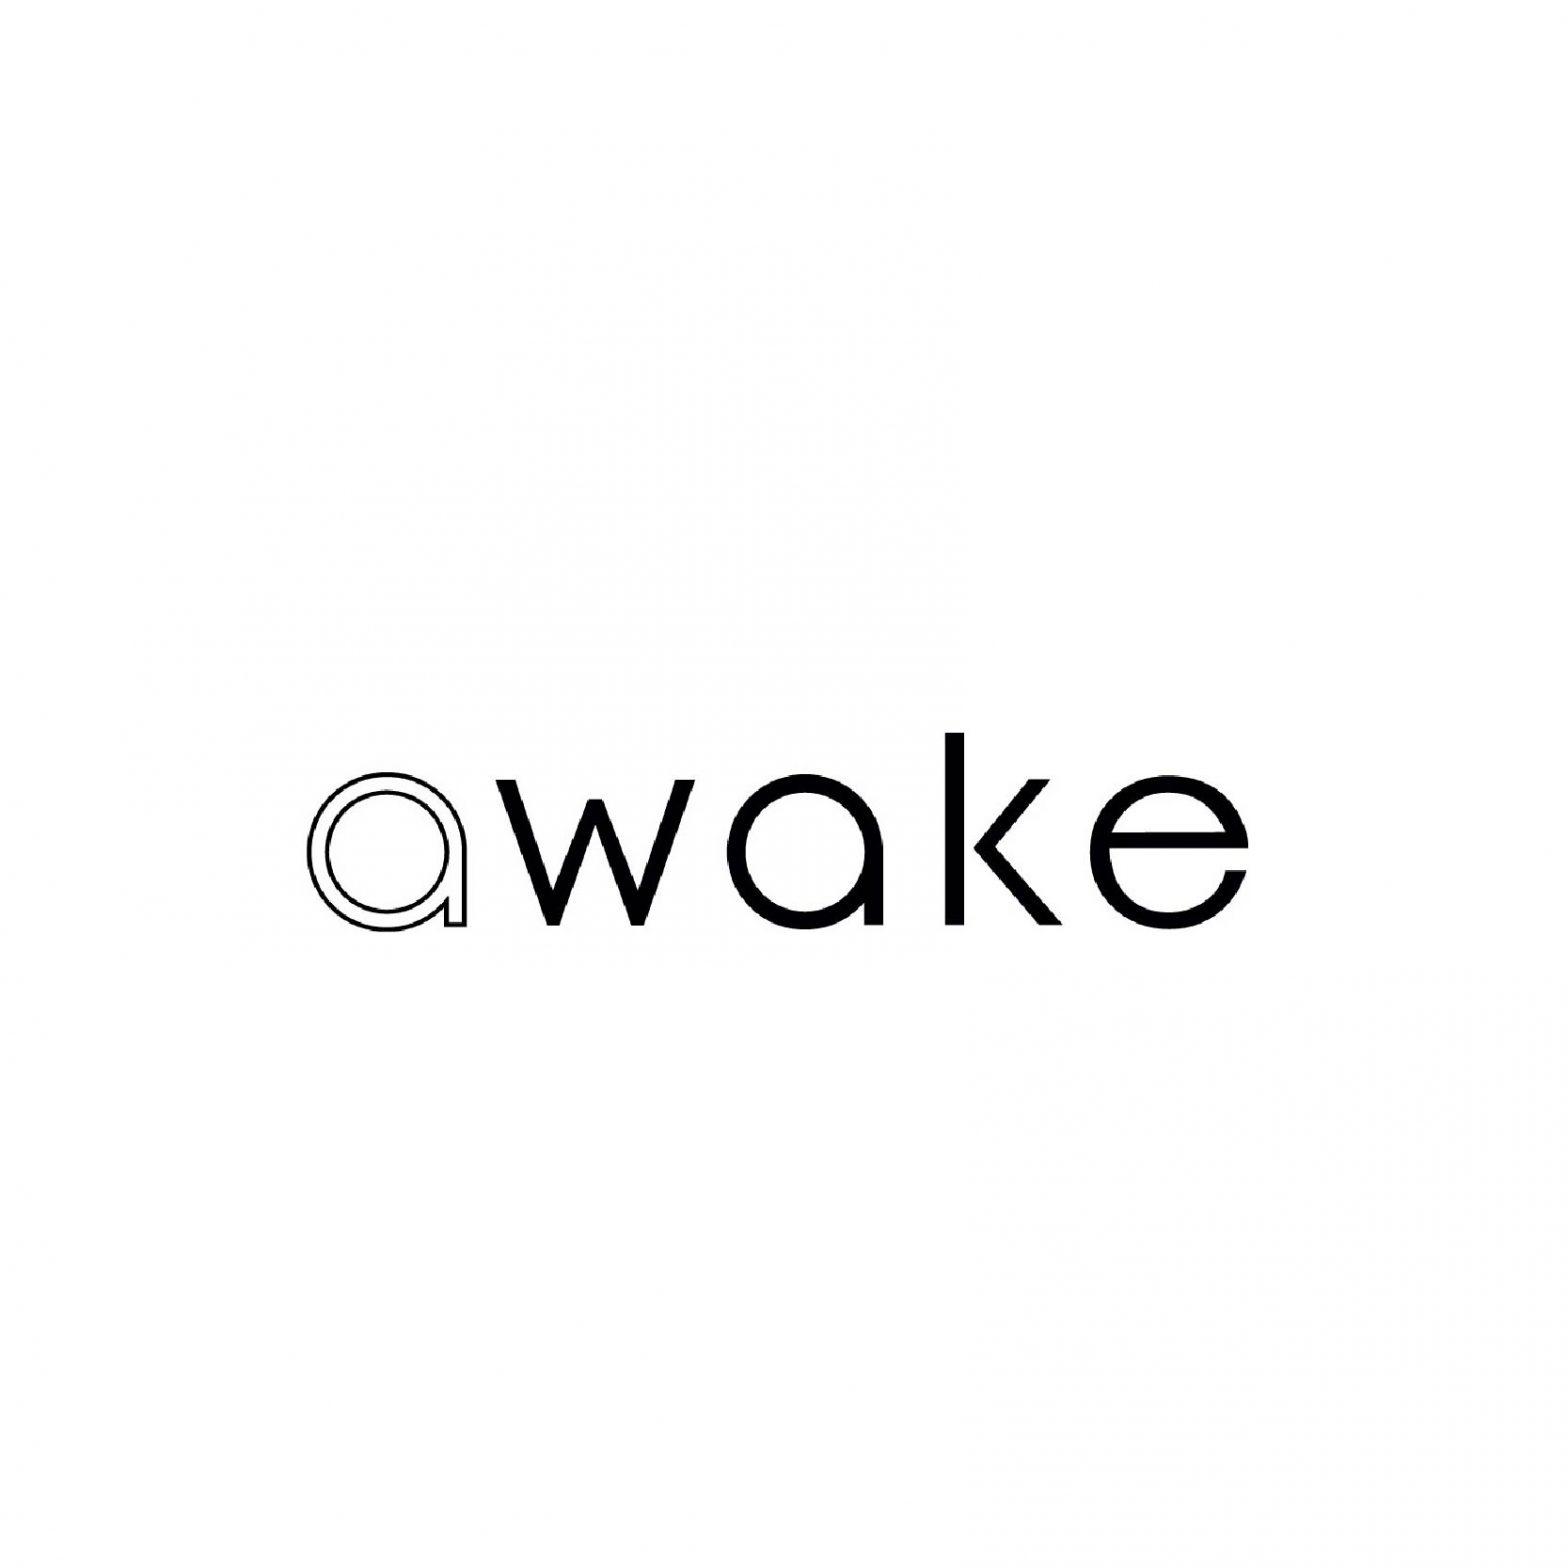 awakeconcept